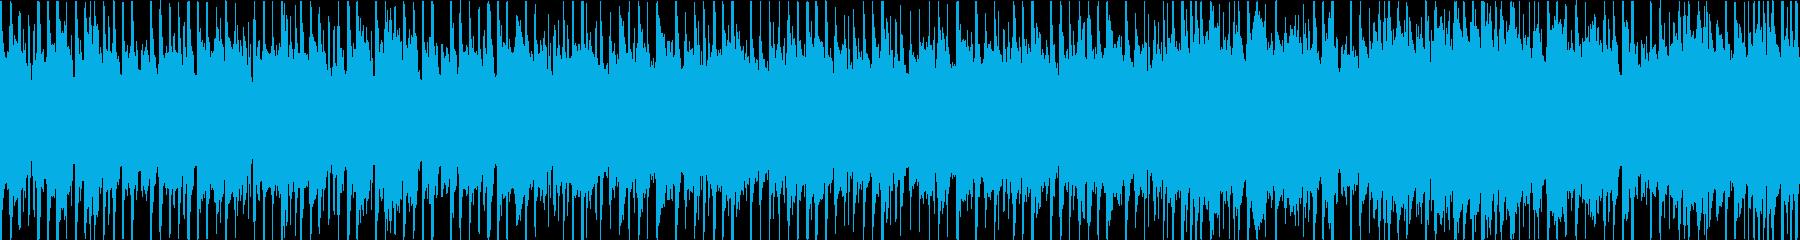 和楽器等を使った和風ミドルバラードの再生済みの波形